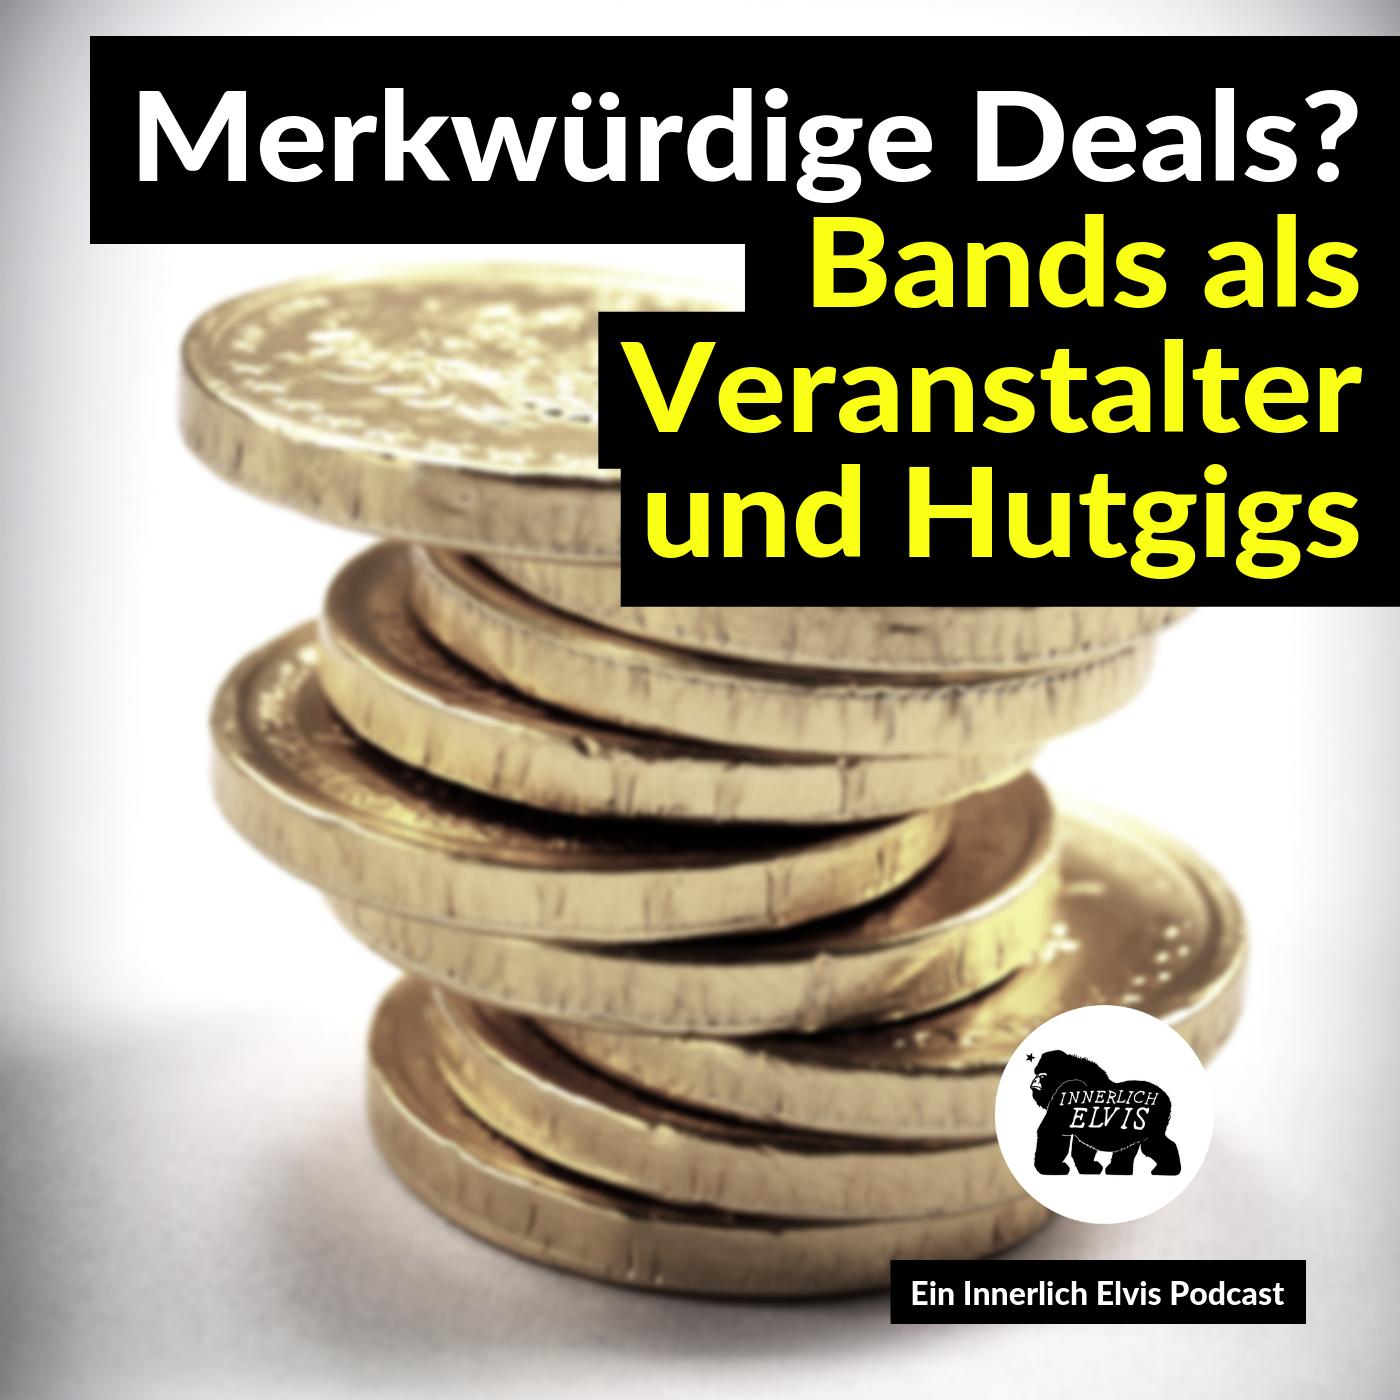 Merkwürdige Deals? Bands als Veranstalter und Hutgigs